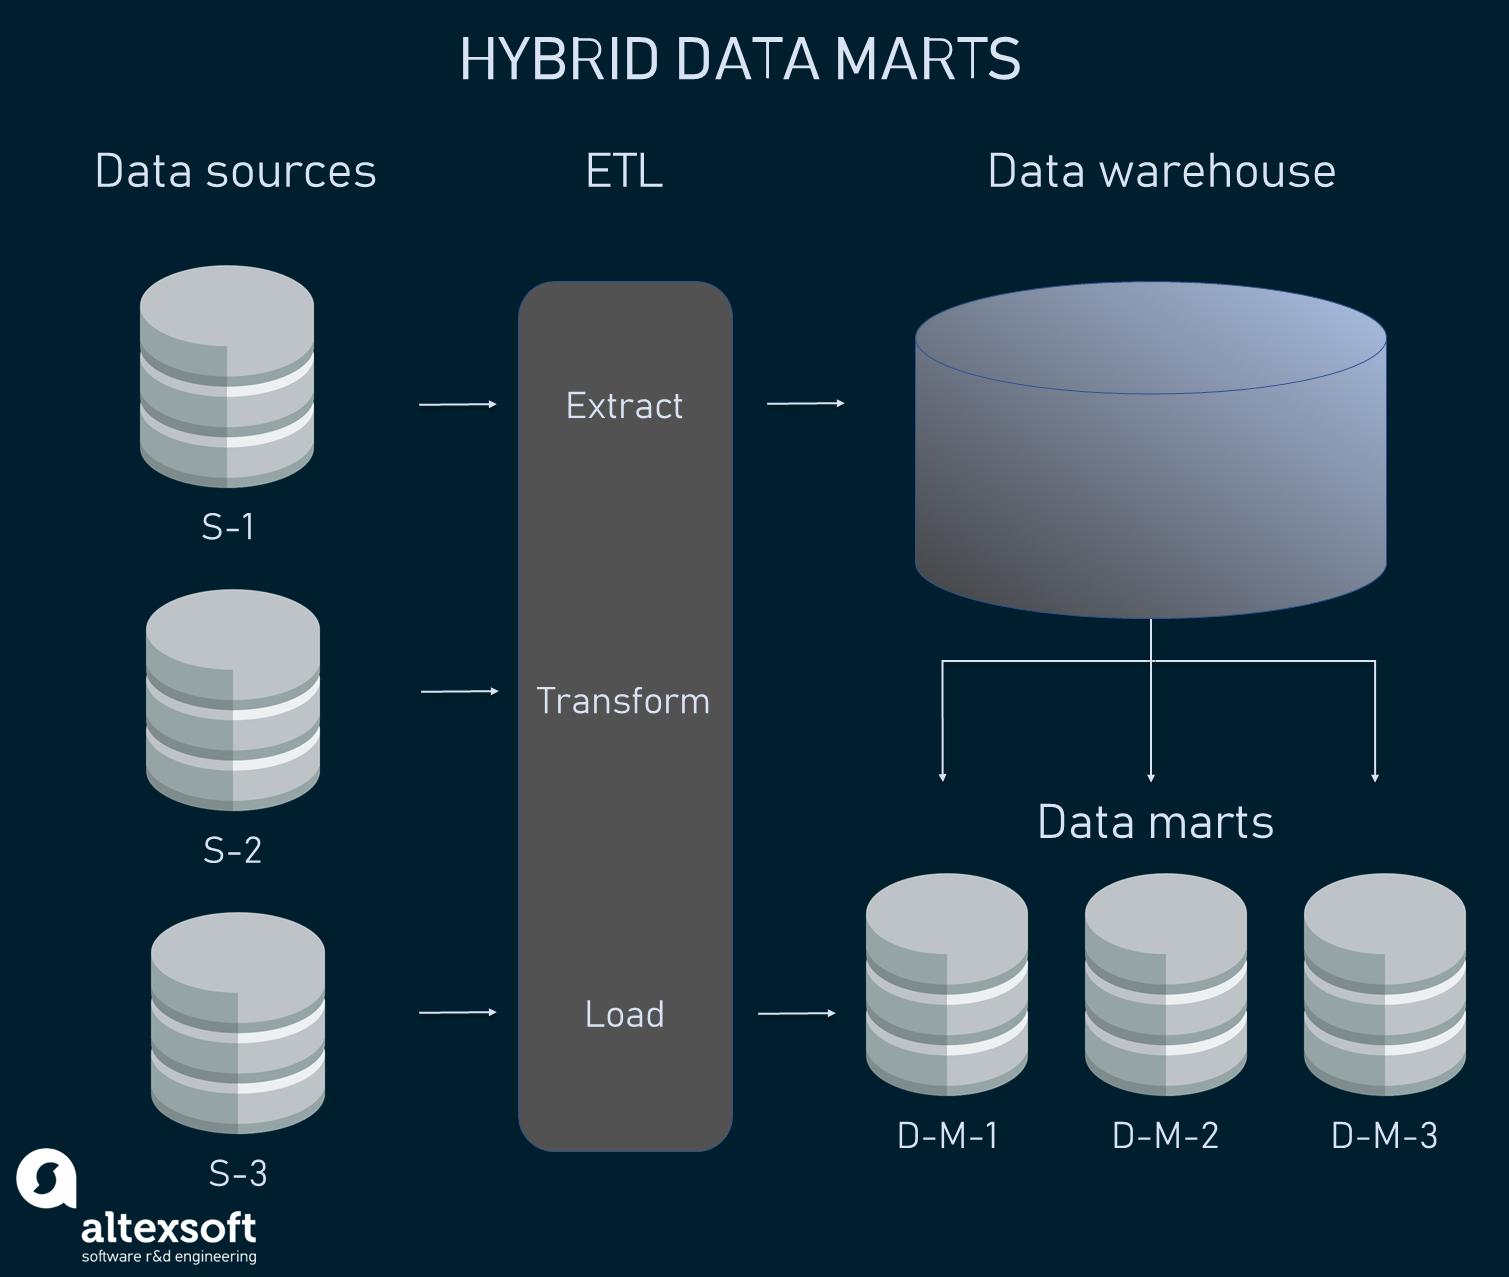 Hybrid data marts